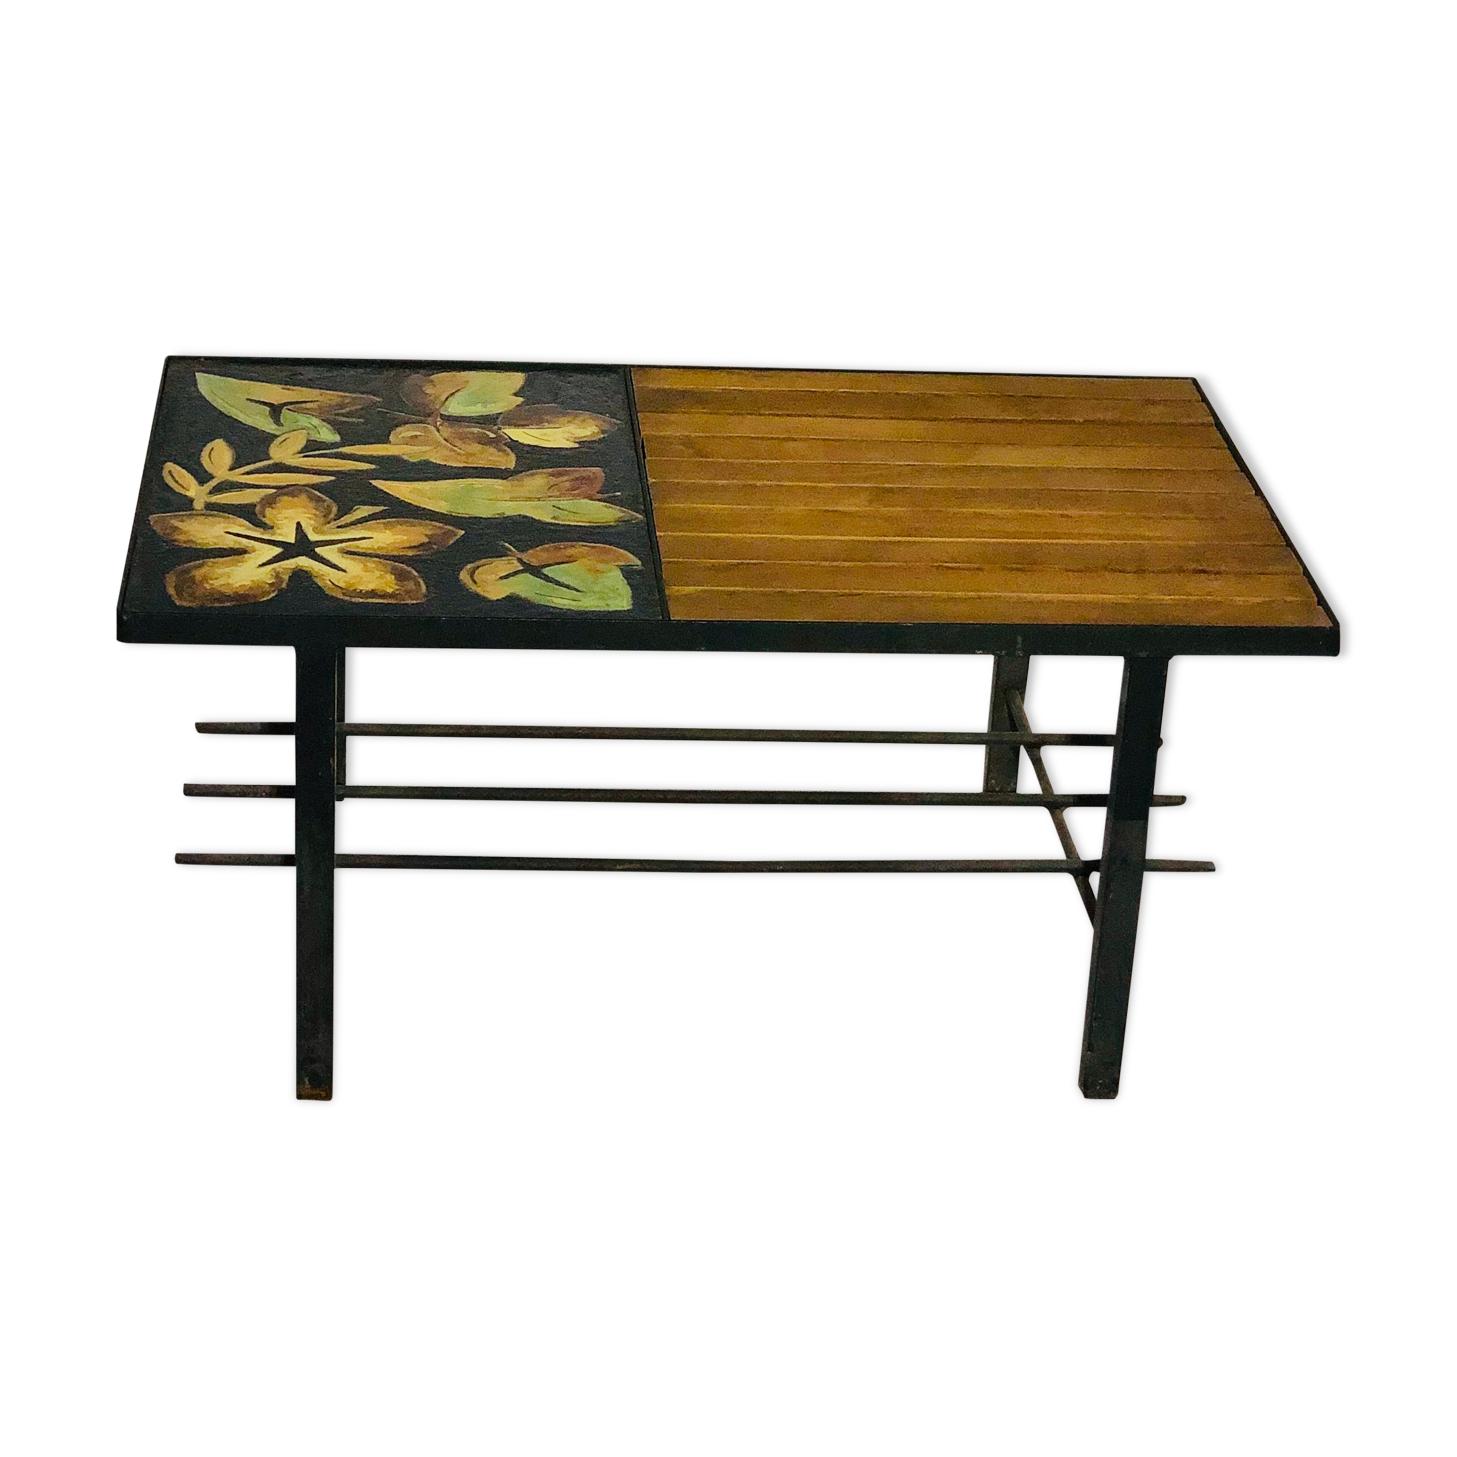 Table basse vintage 1970 - Céramique, chêne et métal